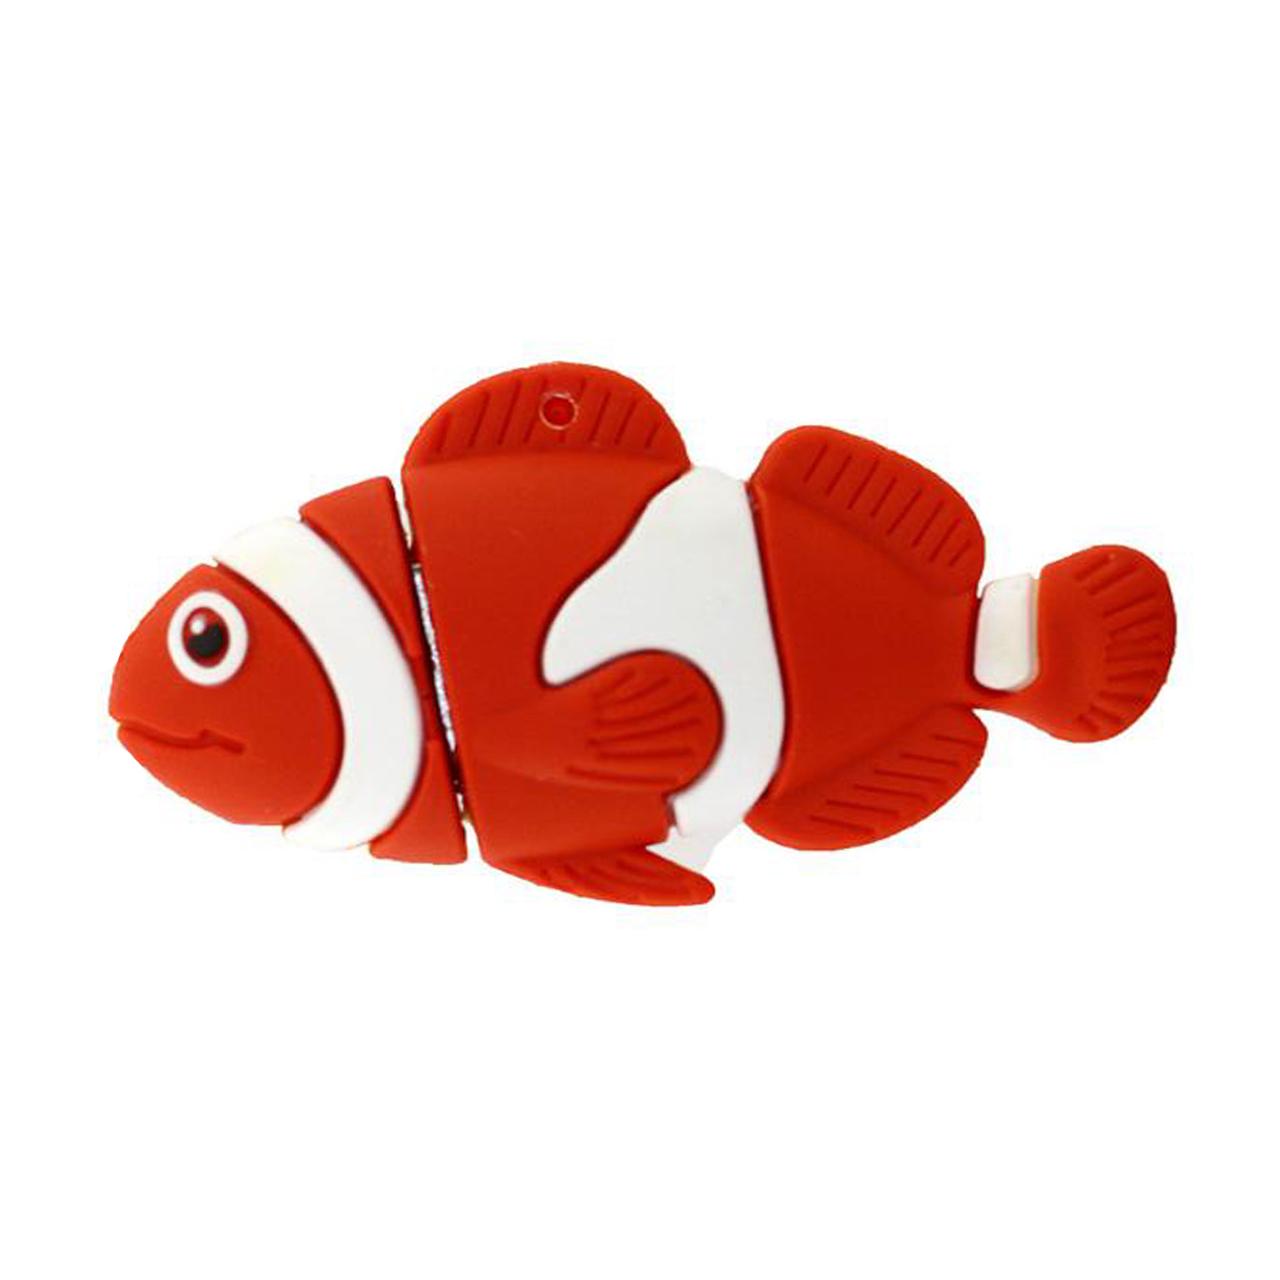 بررسی و {خرید با تخفیف} فلش مموری طرح ماهی مدل UL-Fish01 ظرفیت 32 گیگابایت اصل